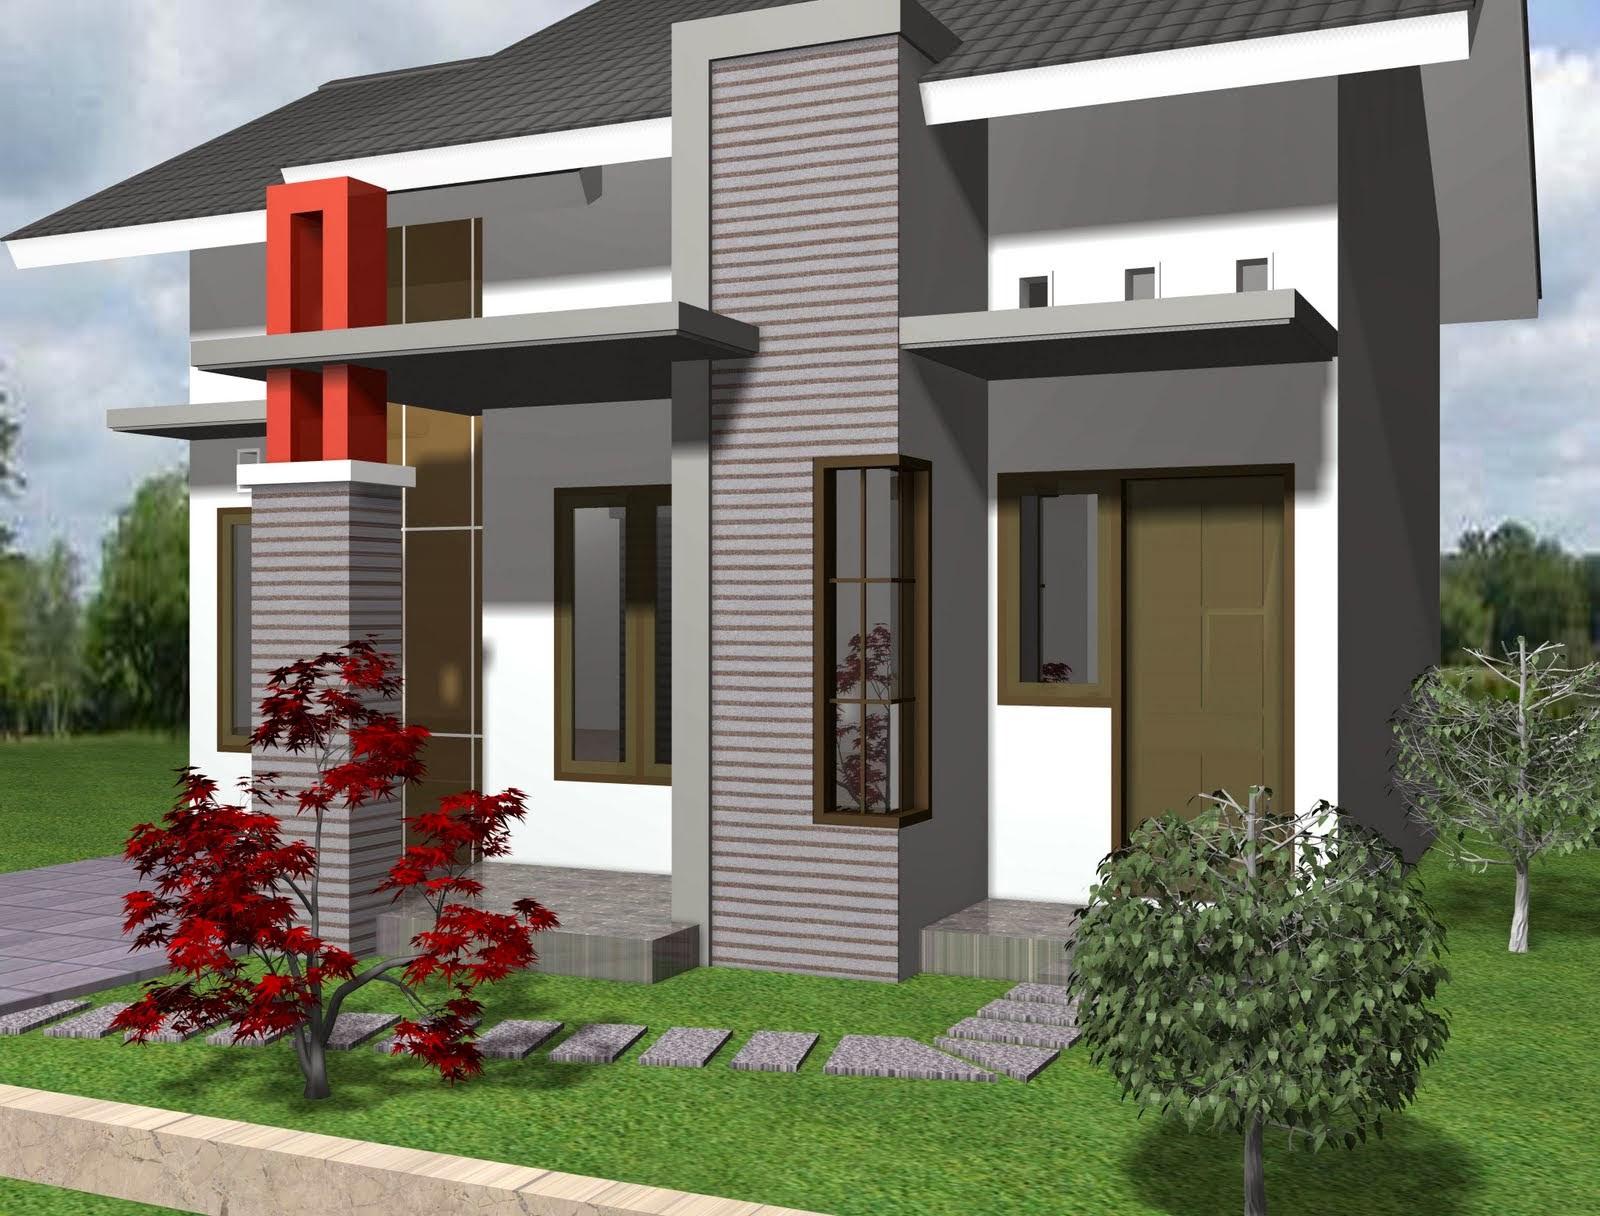 Gambar Rumah Minimalis Terbaru  Update 3 Desain Rumah